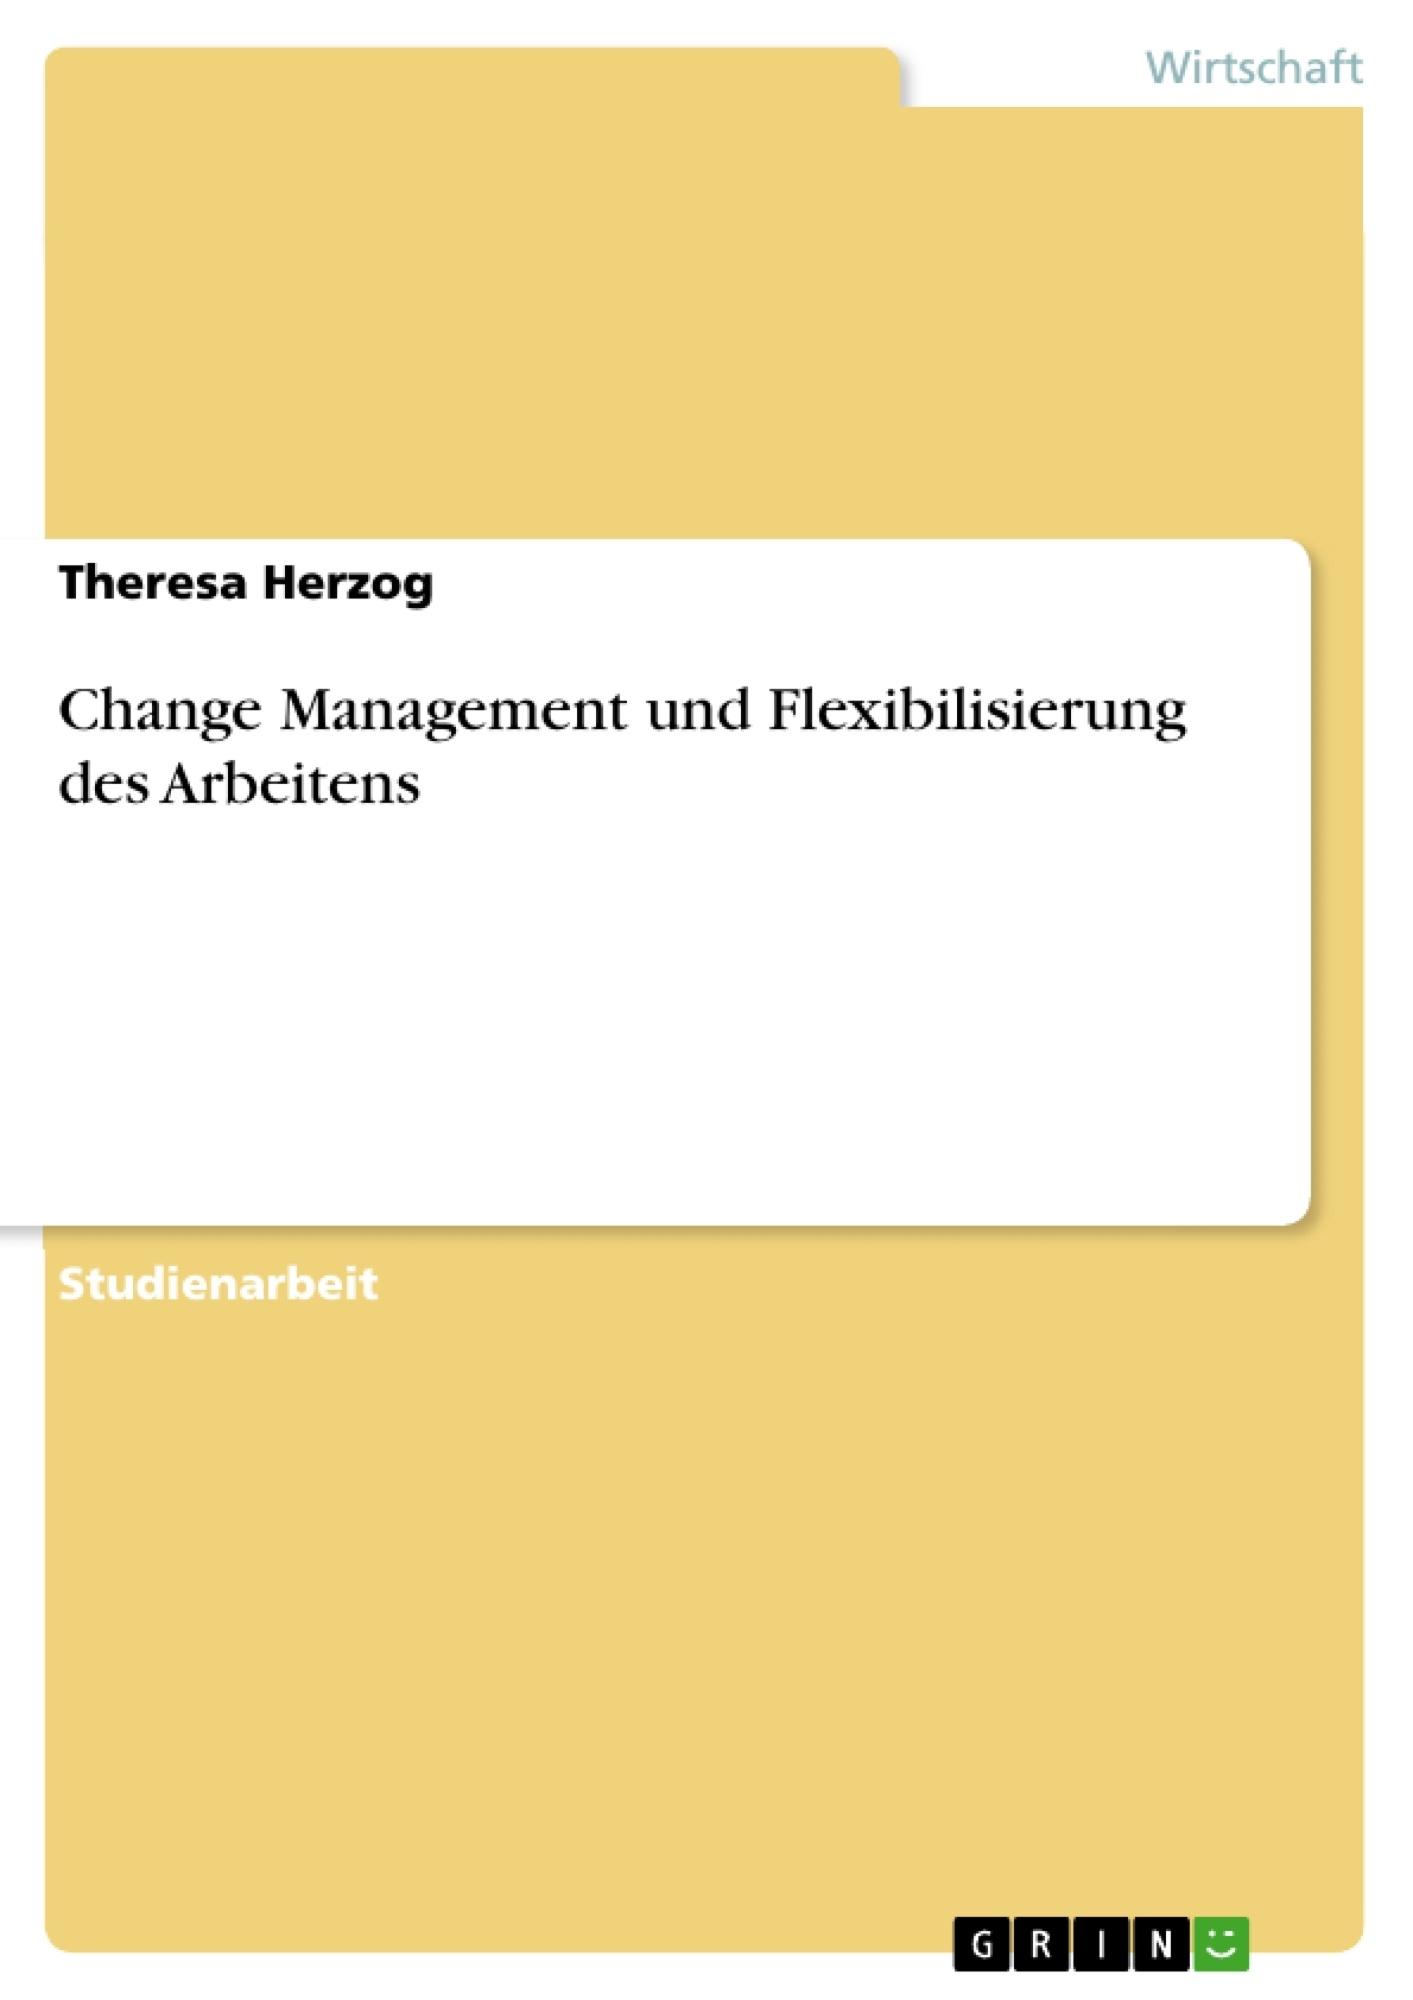 Titel: Change Management und Flexibilisierung des Arbeitens